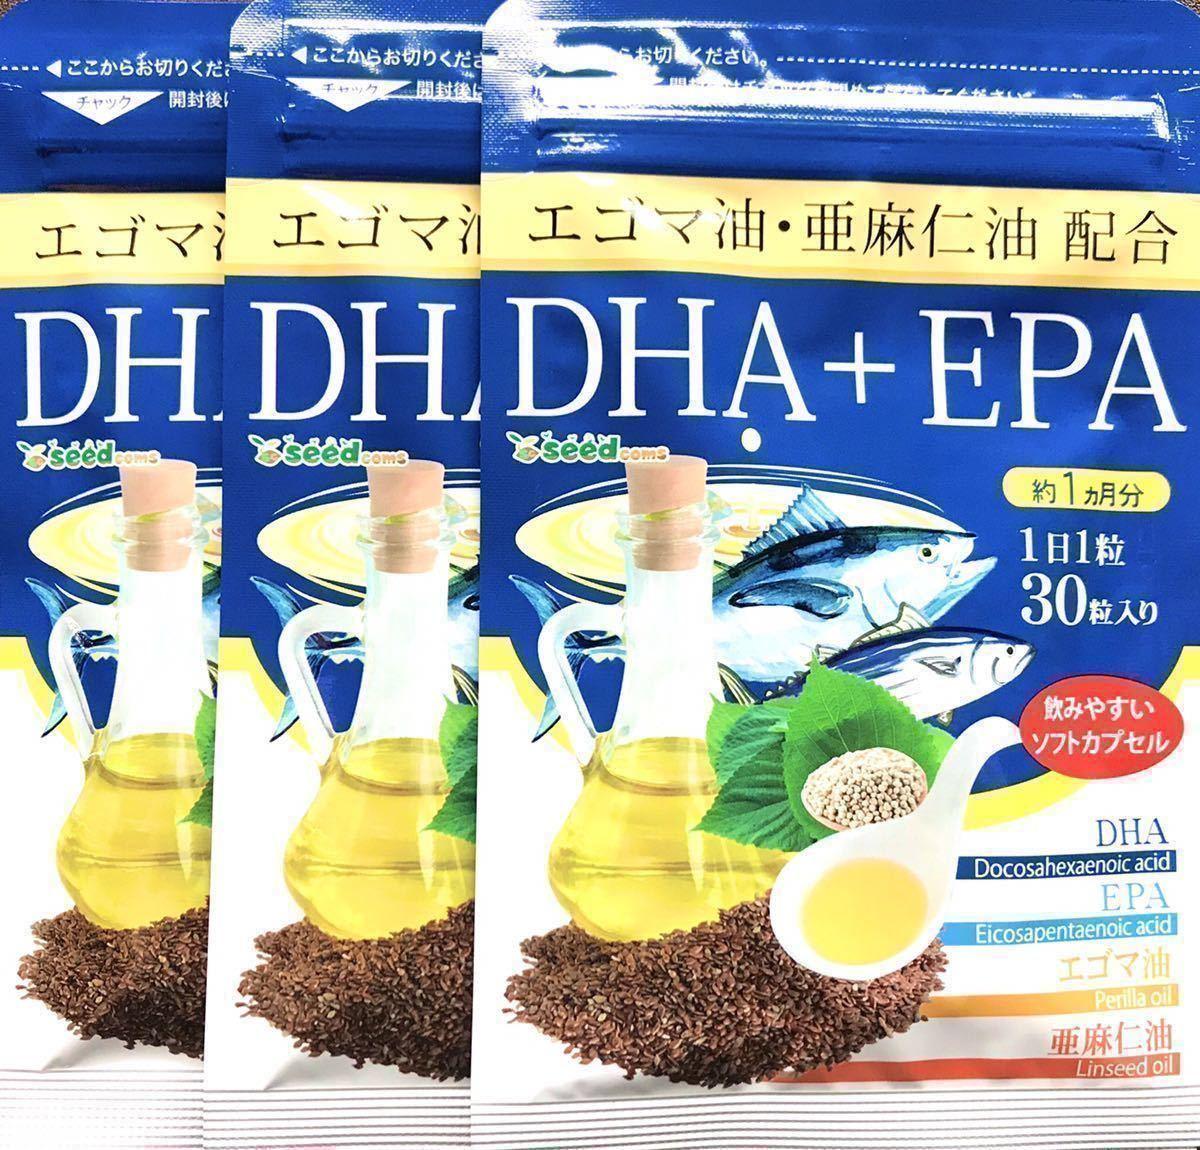 ★送料無料★DHA+EPA エゴマ油 亜麻仁油配合 約3ヶ月分(2023.12~)(約1ヶ月分×3)シードコムス サプリメント_画像1